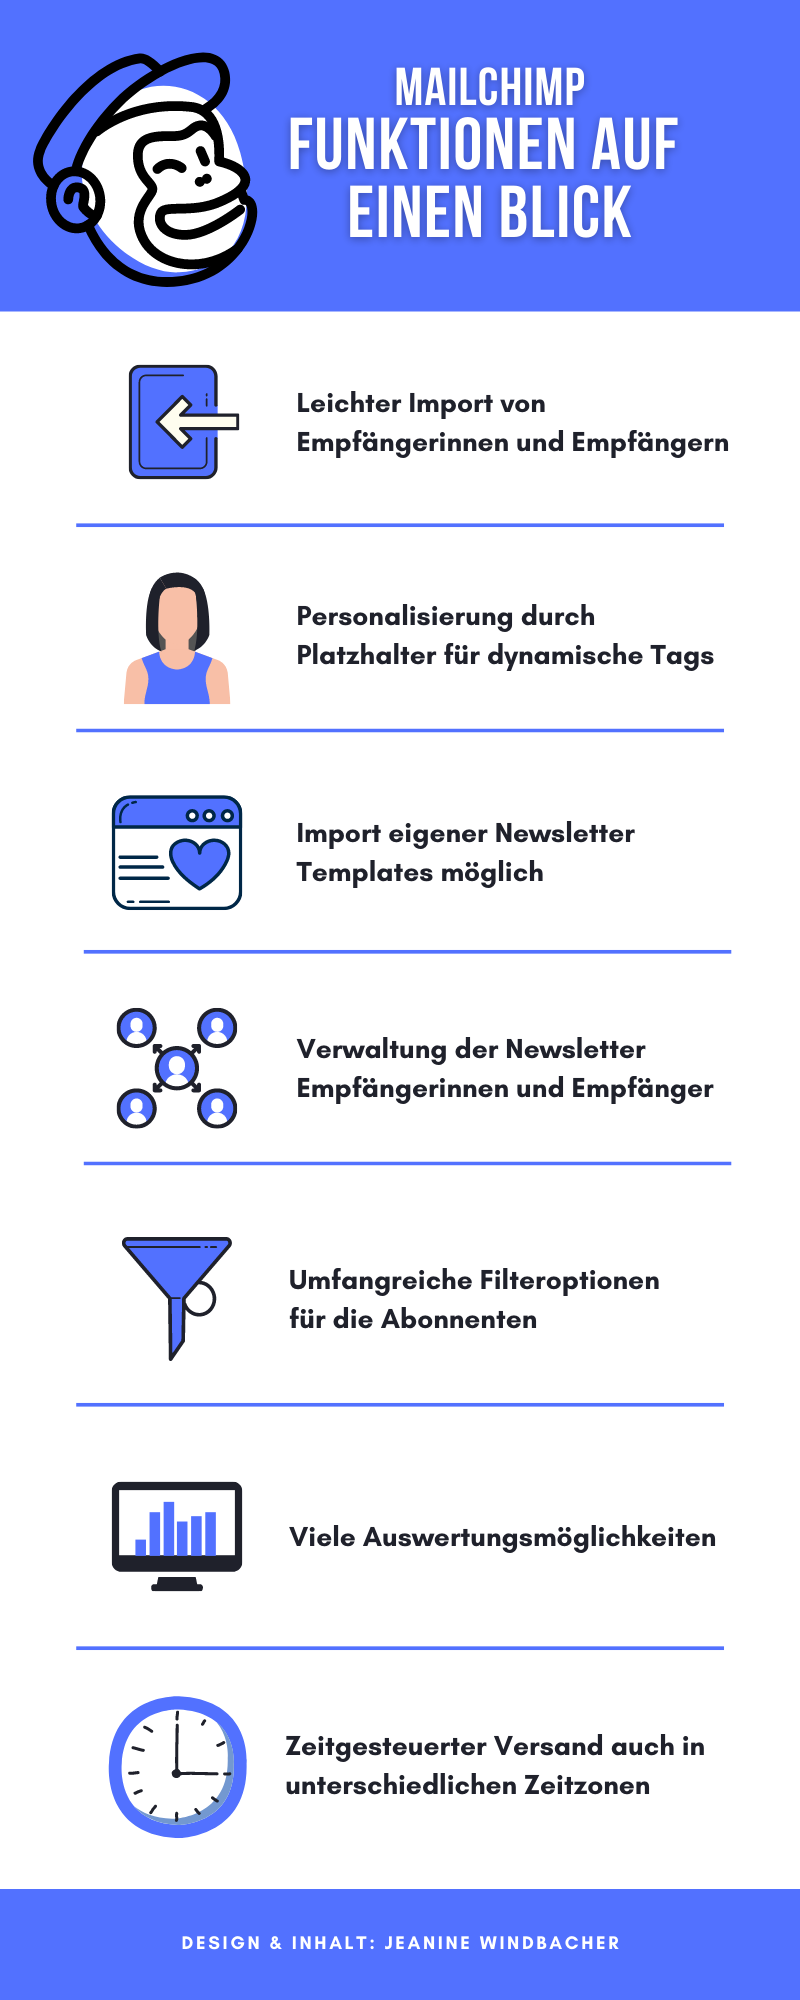 Das sind die Grundfunktionen von MailChimp